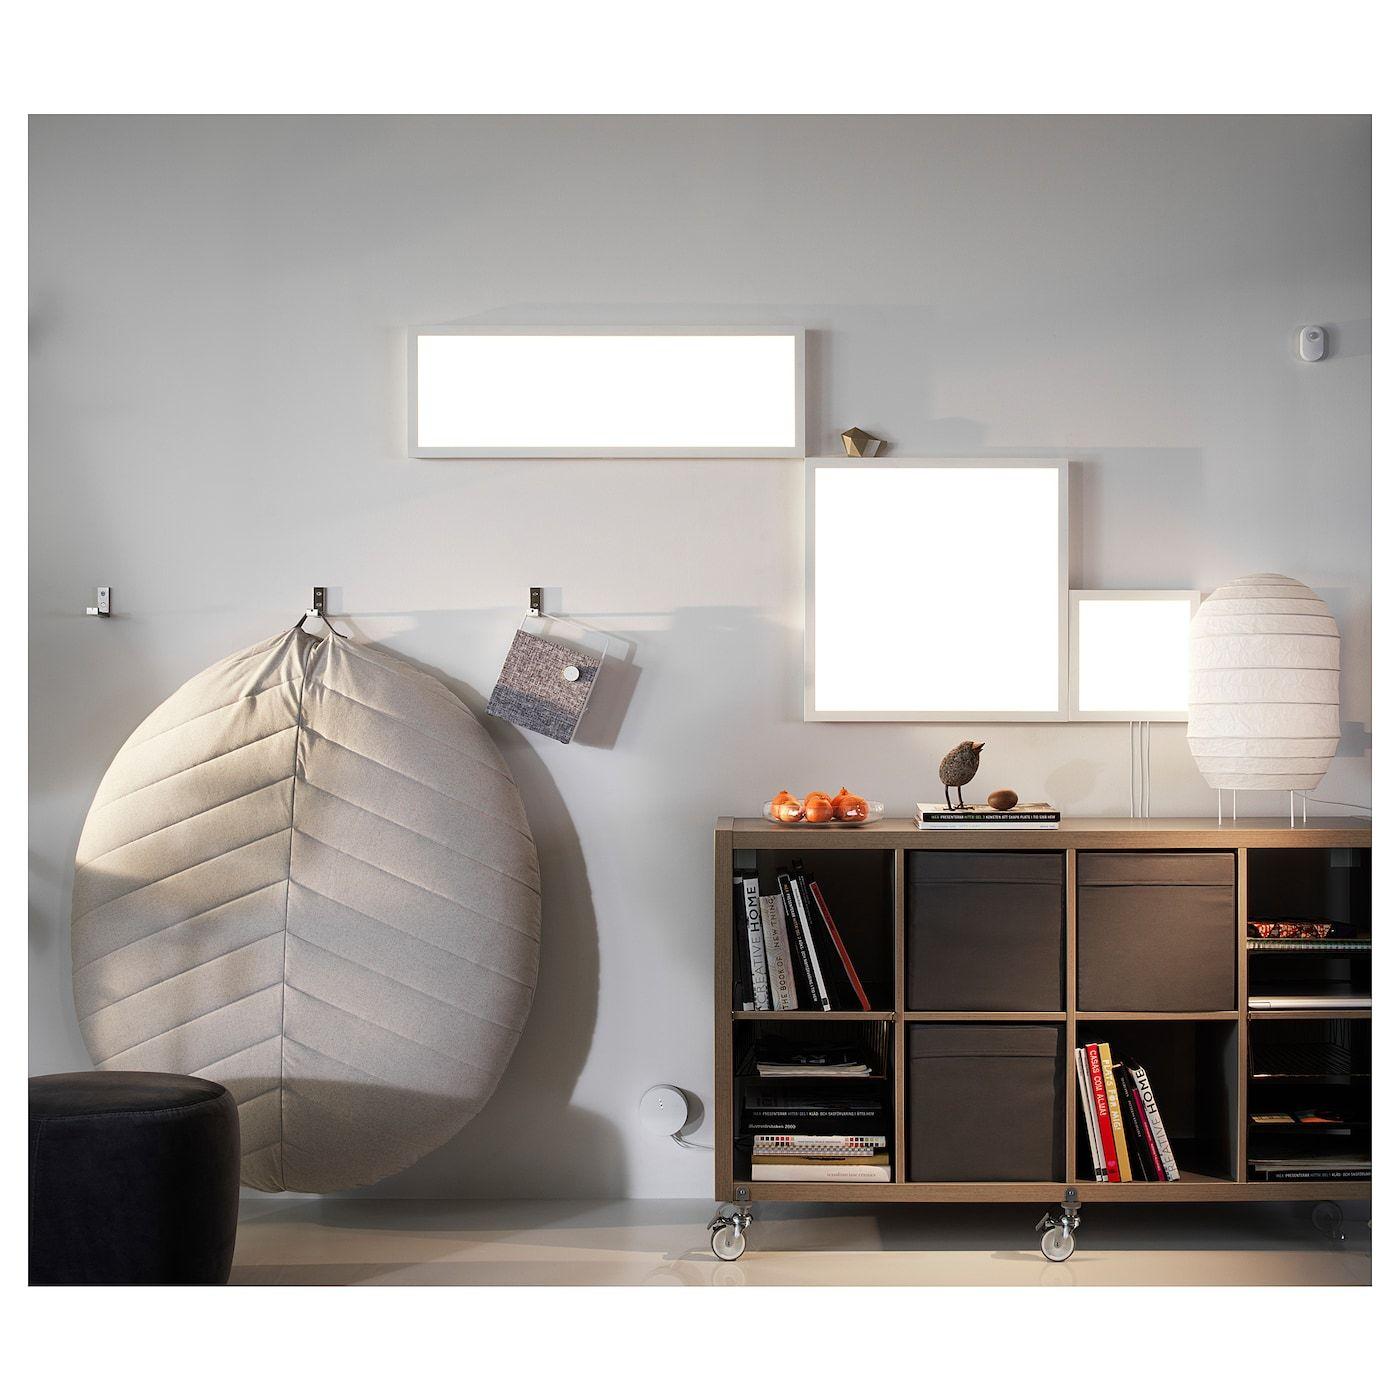 Floalt Led Light Panel Dimmable White Spectrum 24x24 Ikea Led Panel Light Light Panel Led Lighting Diy